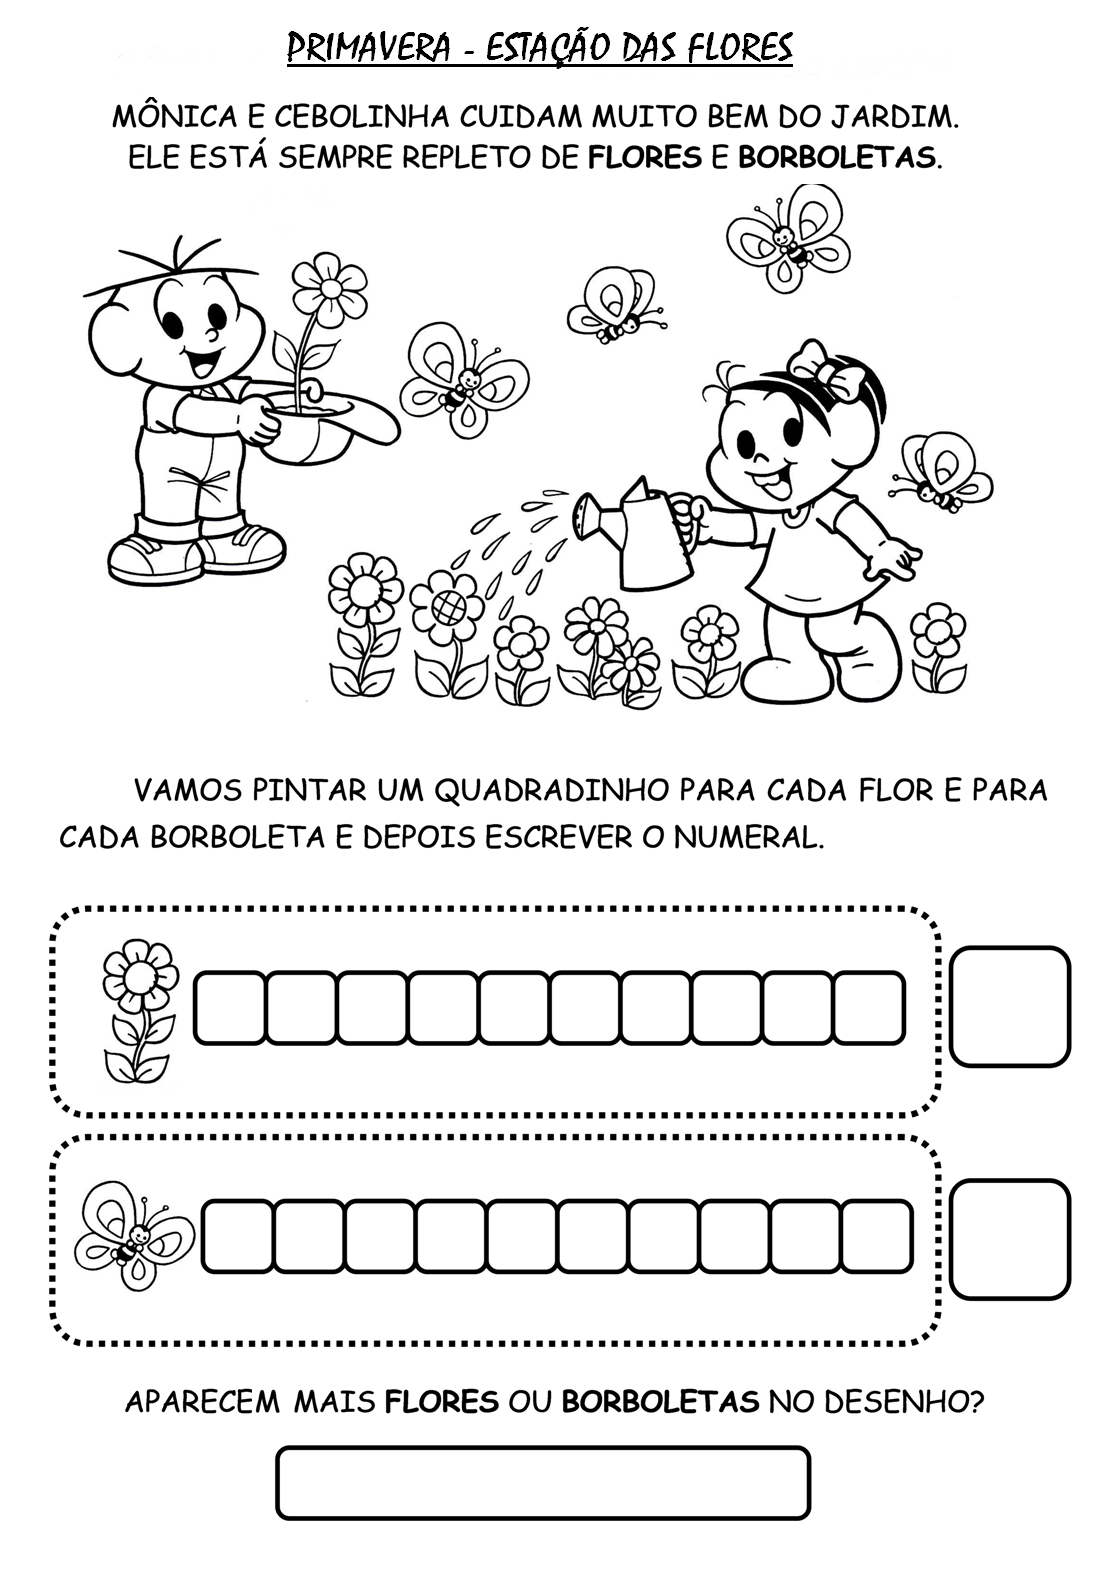 Inicio Da Primavera 22 De Setembro Atividades Infantis